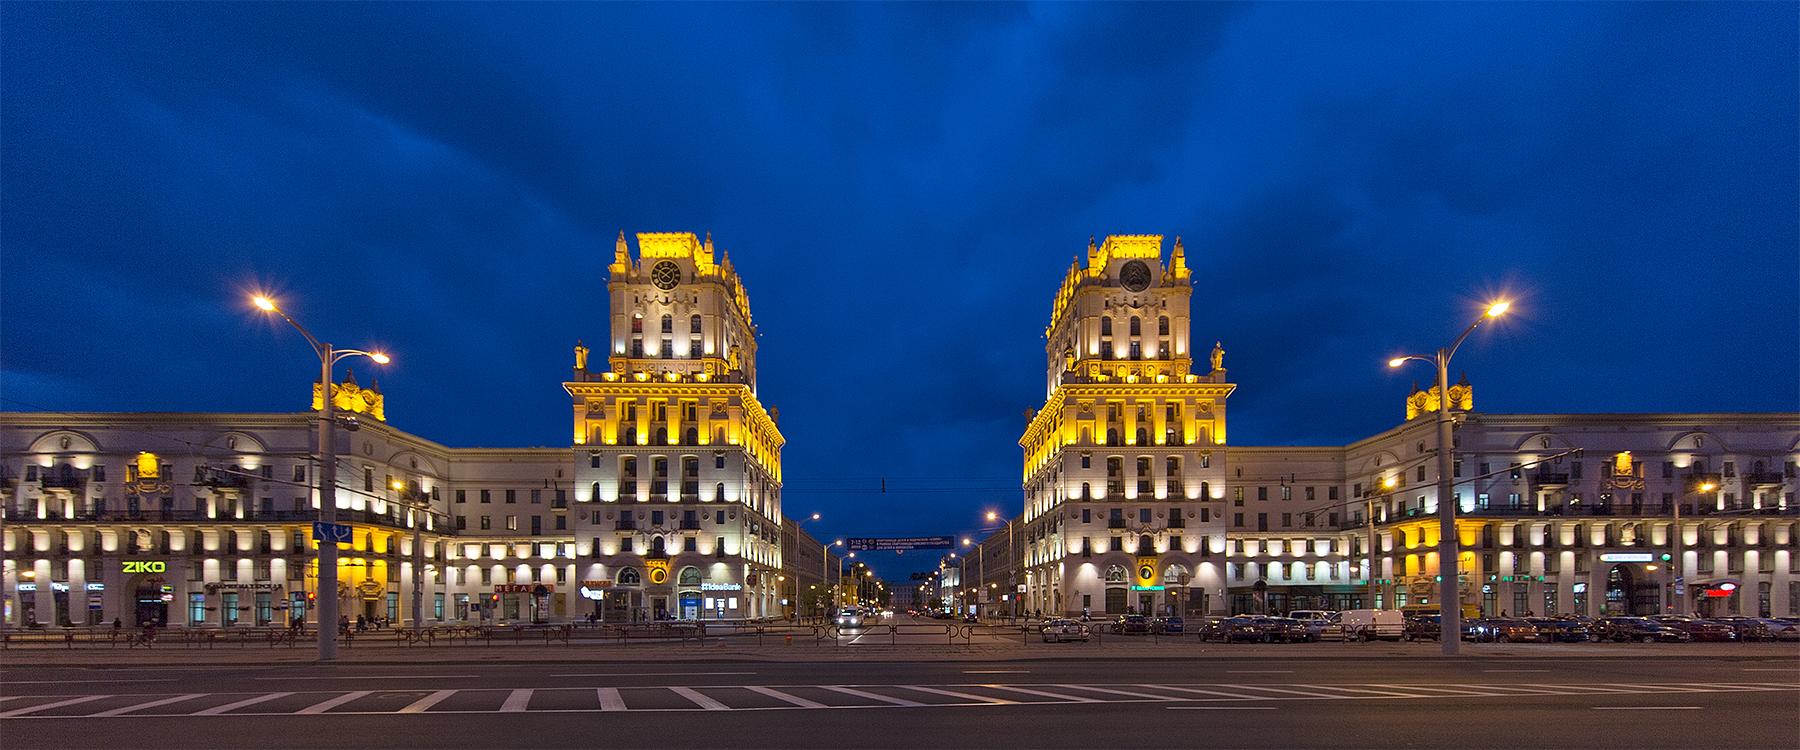 Bahnhofsvorplatz zur Blauen Stunde in Minsk